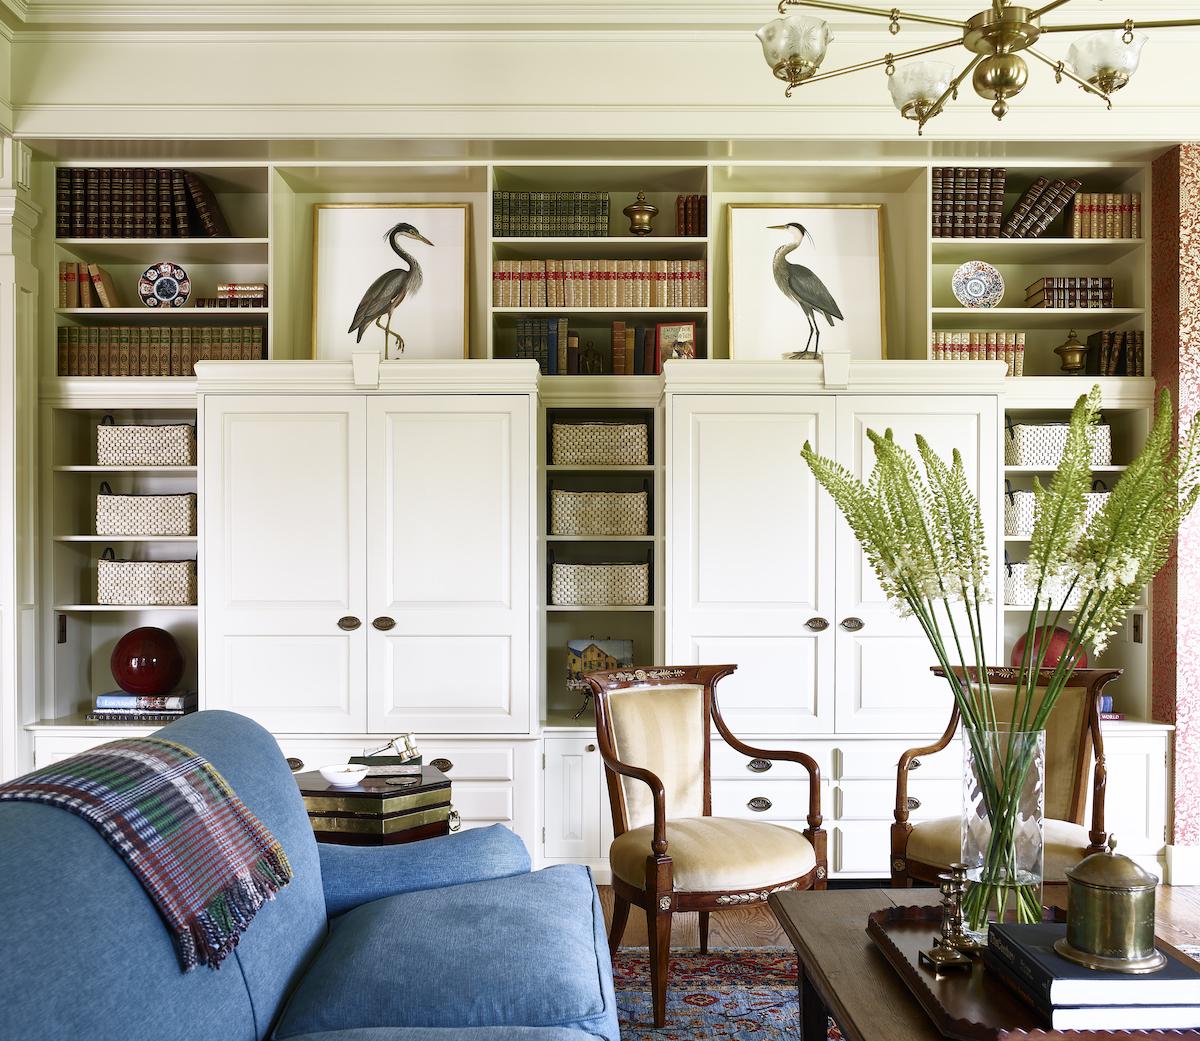 lw-interiors-living-room-built-in-shelves